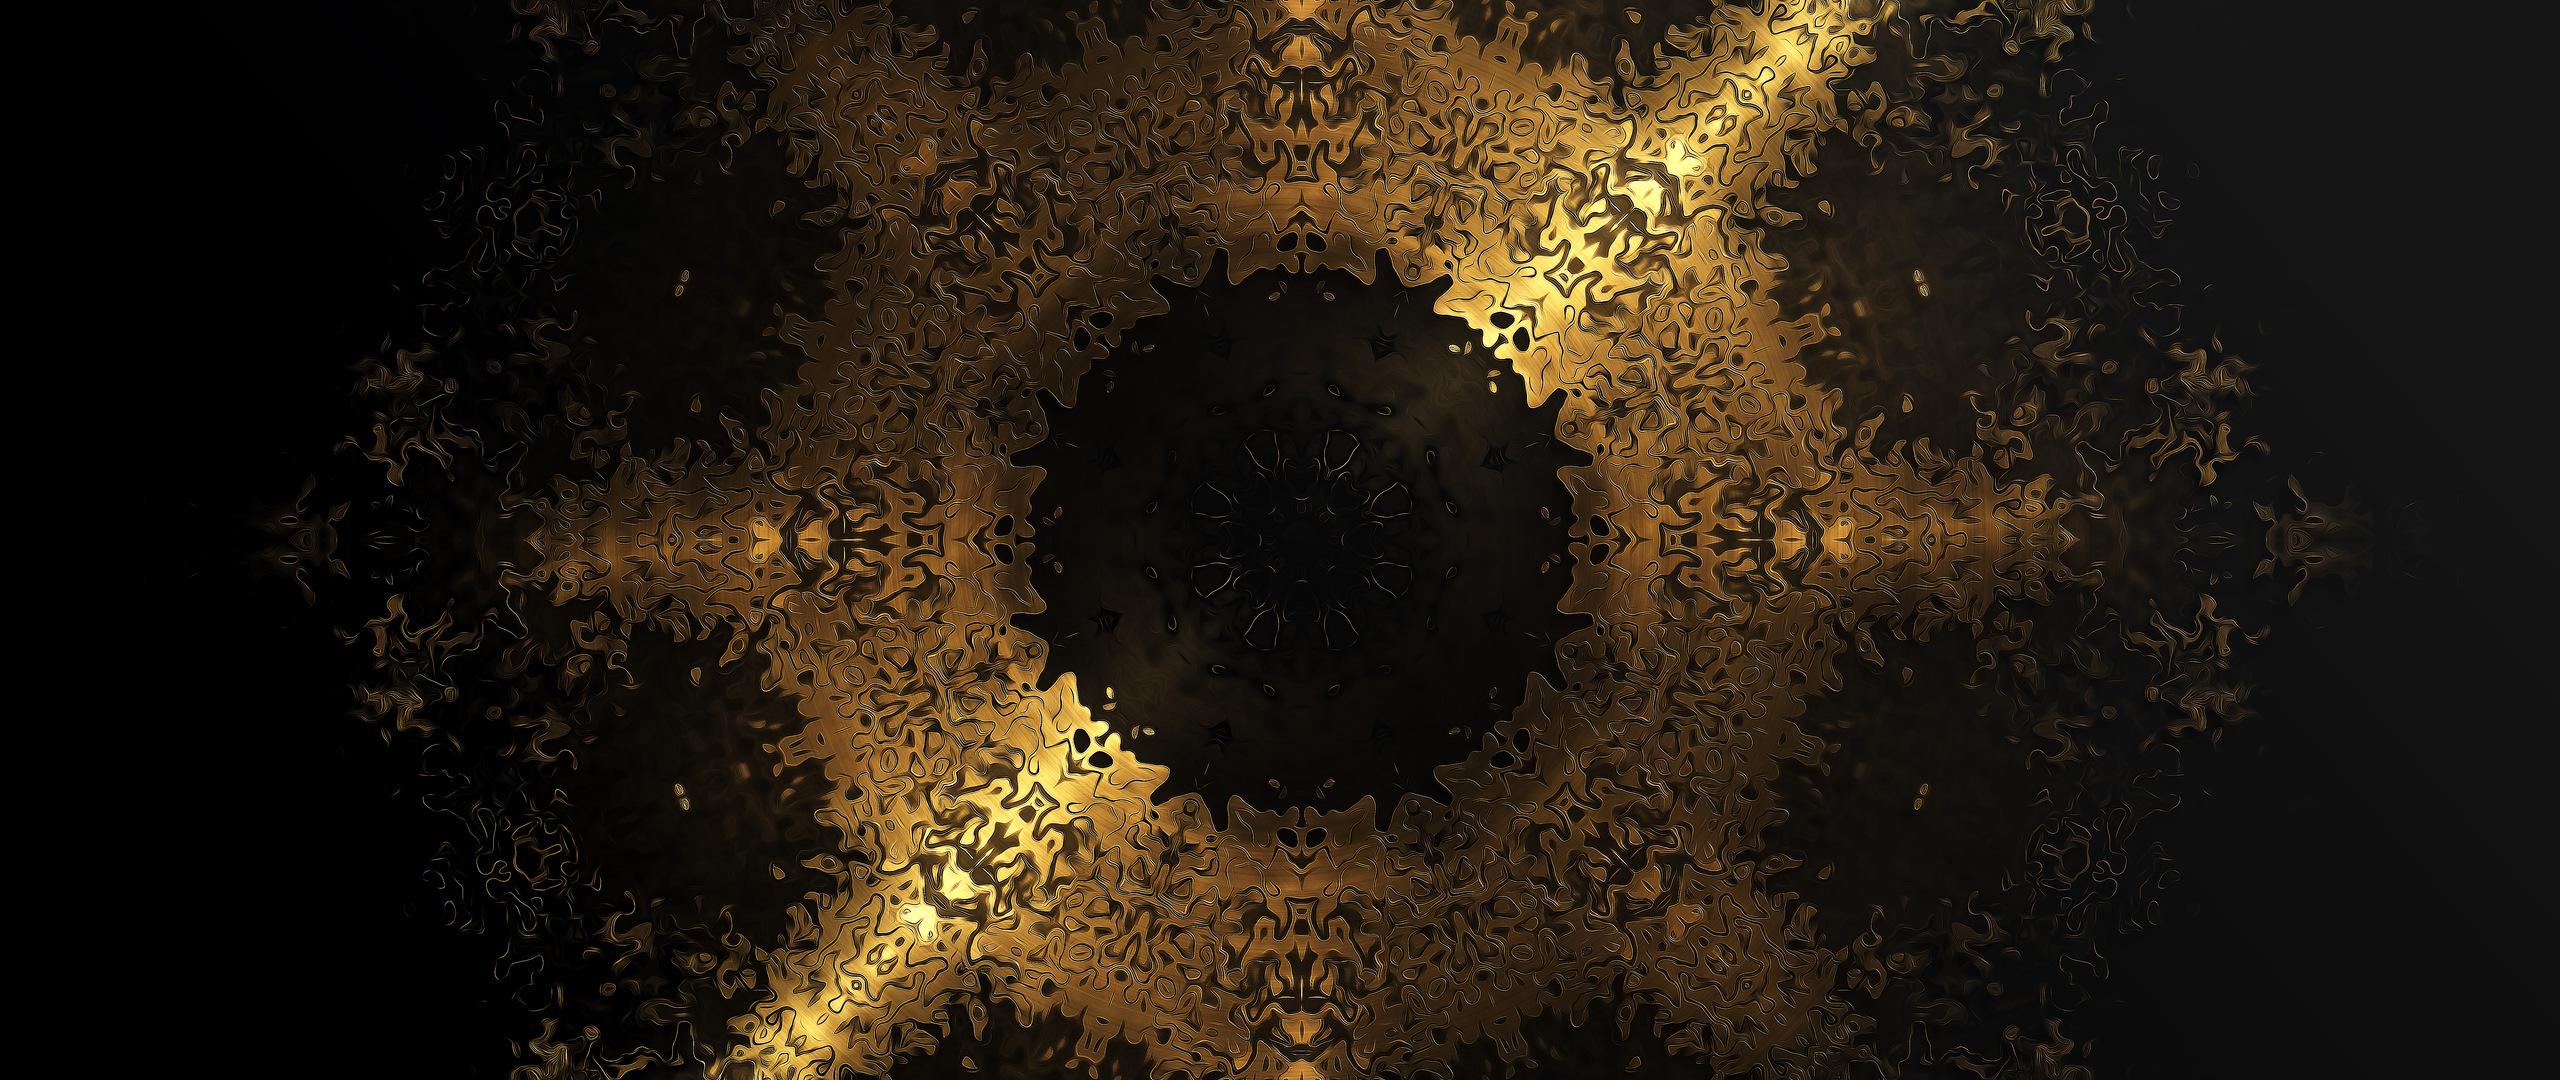 gold-materials-8k-qq.jpg